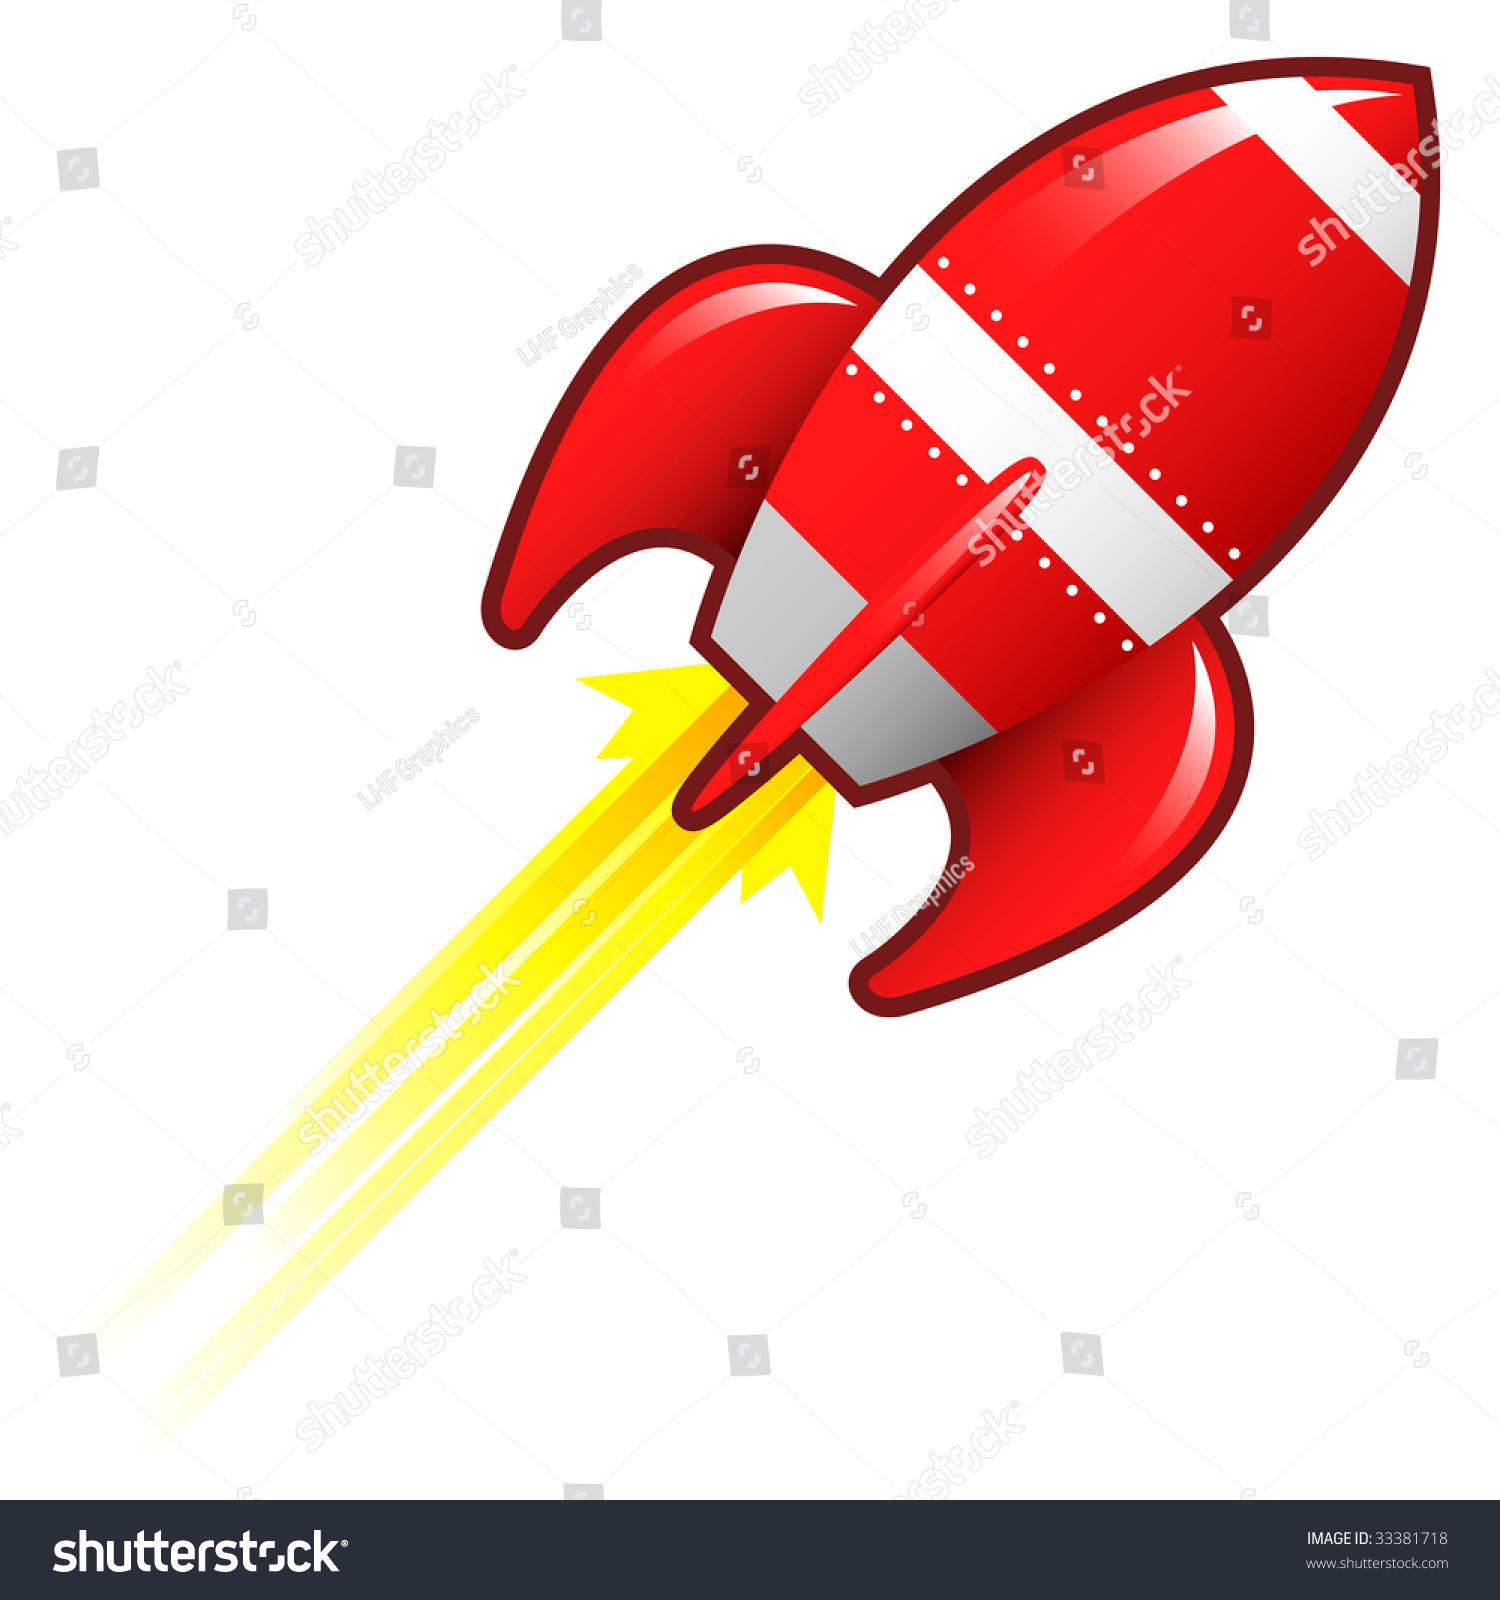 程式化的矢量插图的复古火箭飞船太空飞行器发射升空.